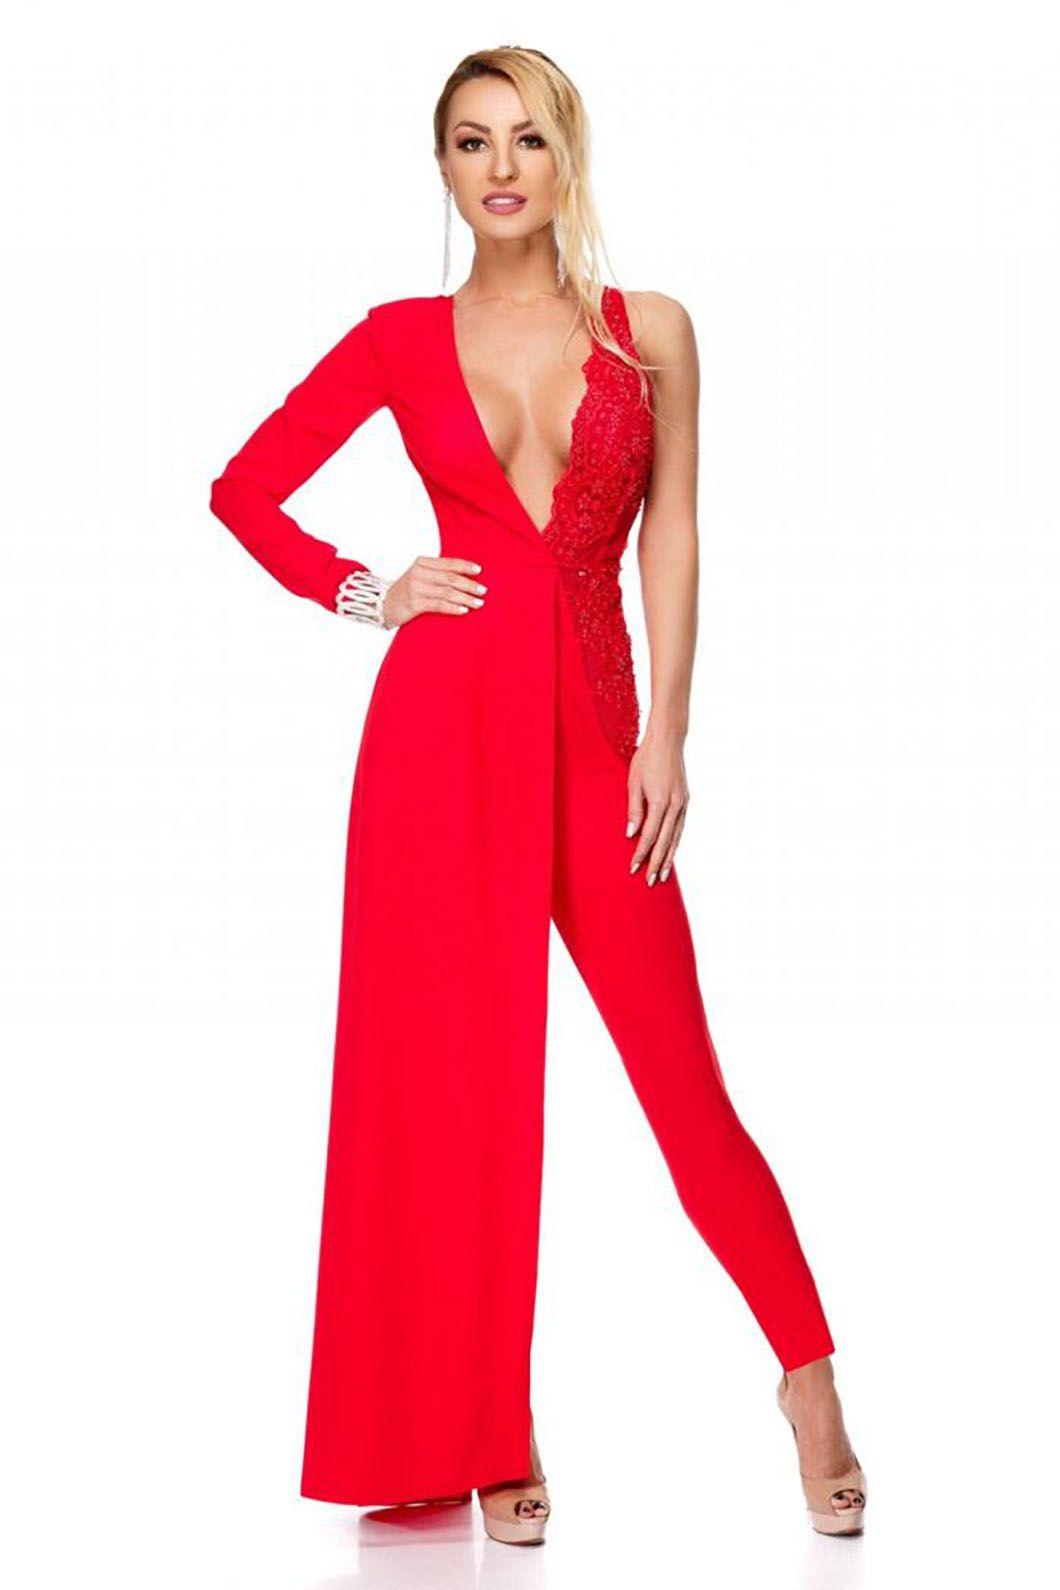 459b0455d8 Tuta rossa elegante – RossettiFashion.com | ABITI ELEGANTI nel 2019 ...